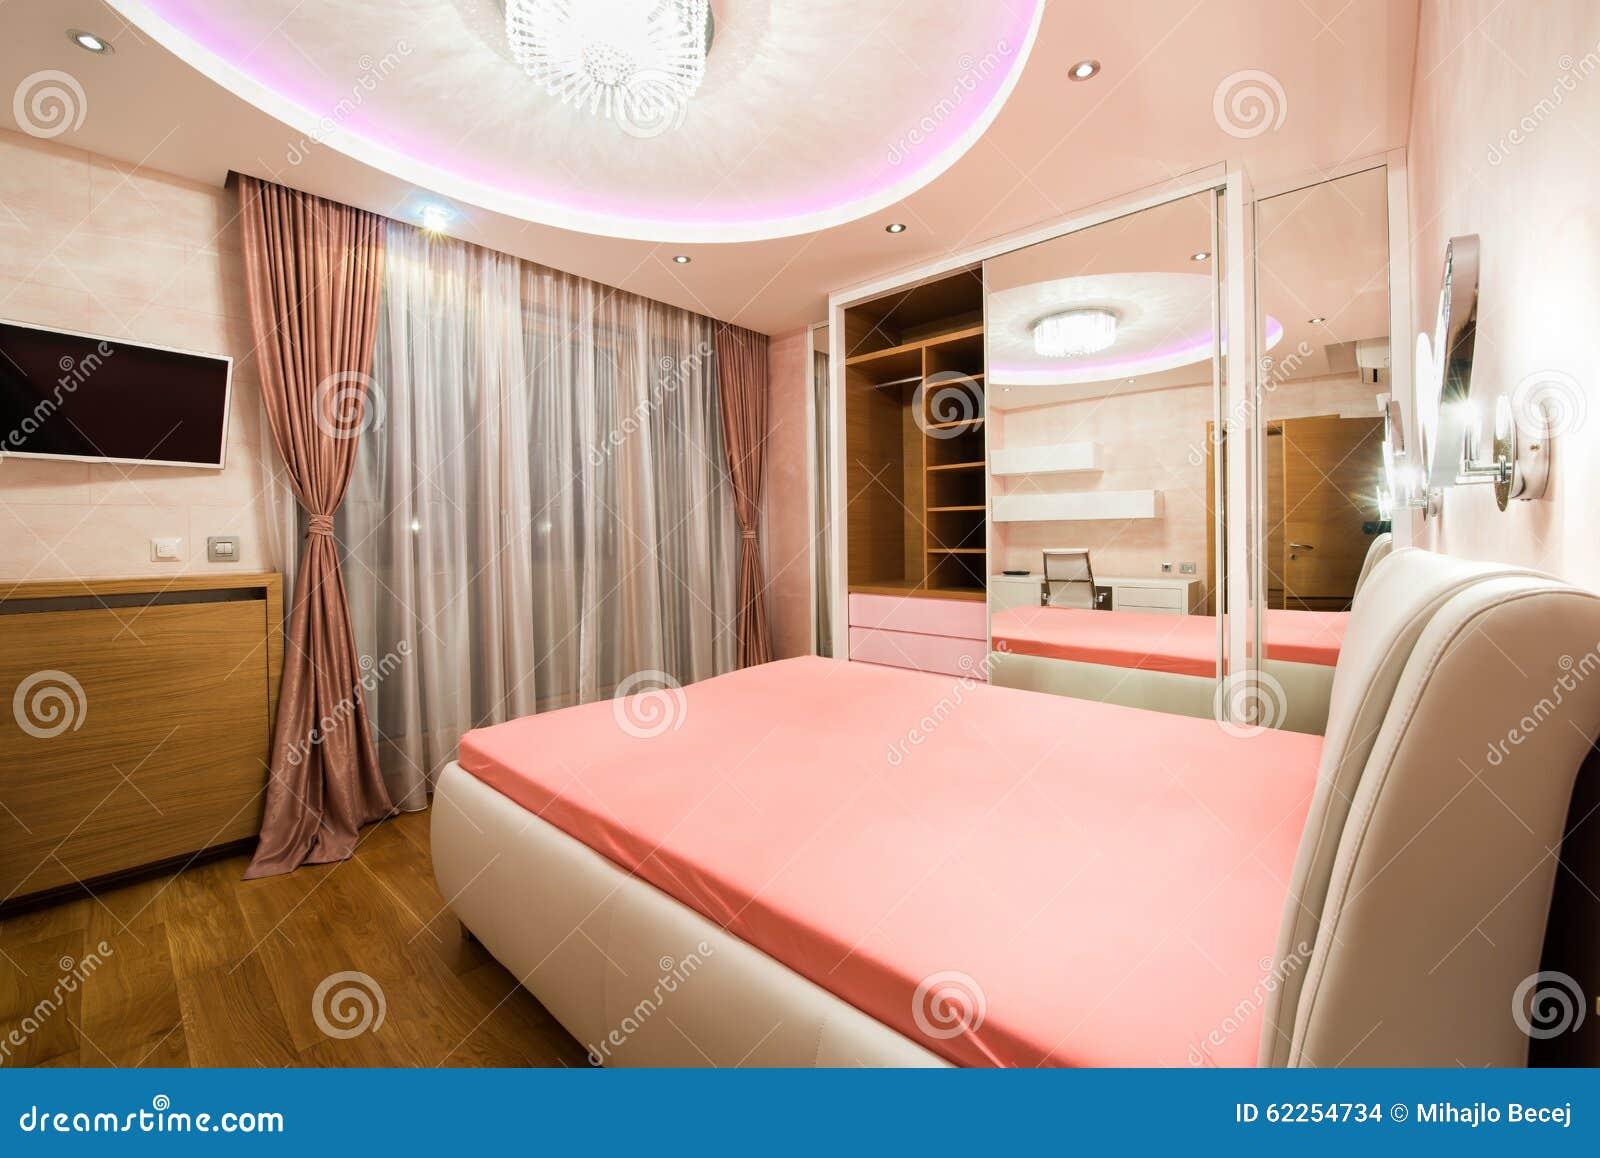 Luxusschlafzimmer Mit Modernen Deckenleuchten Stockfoto - Bild ...